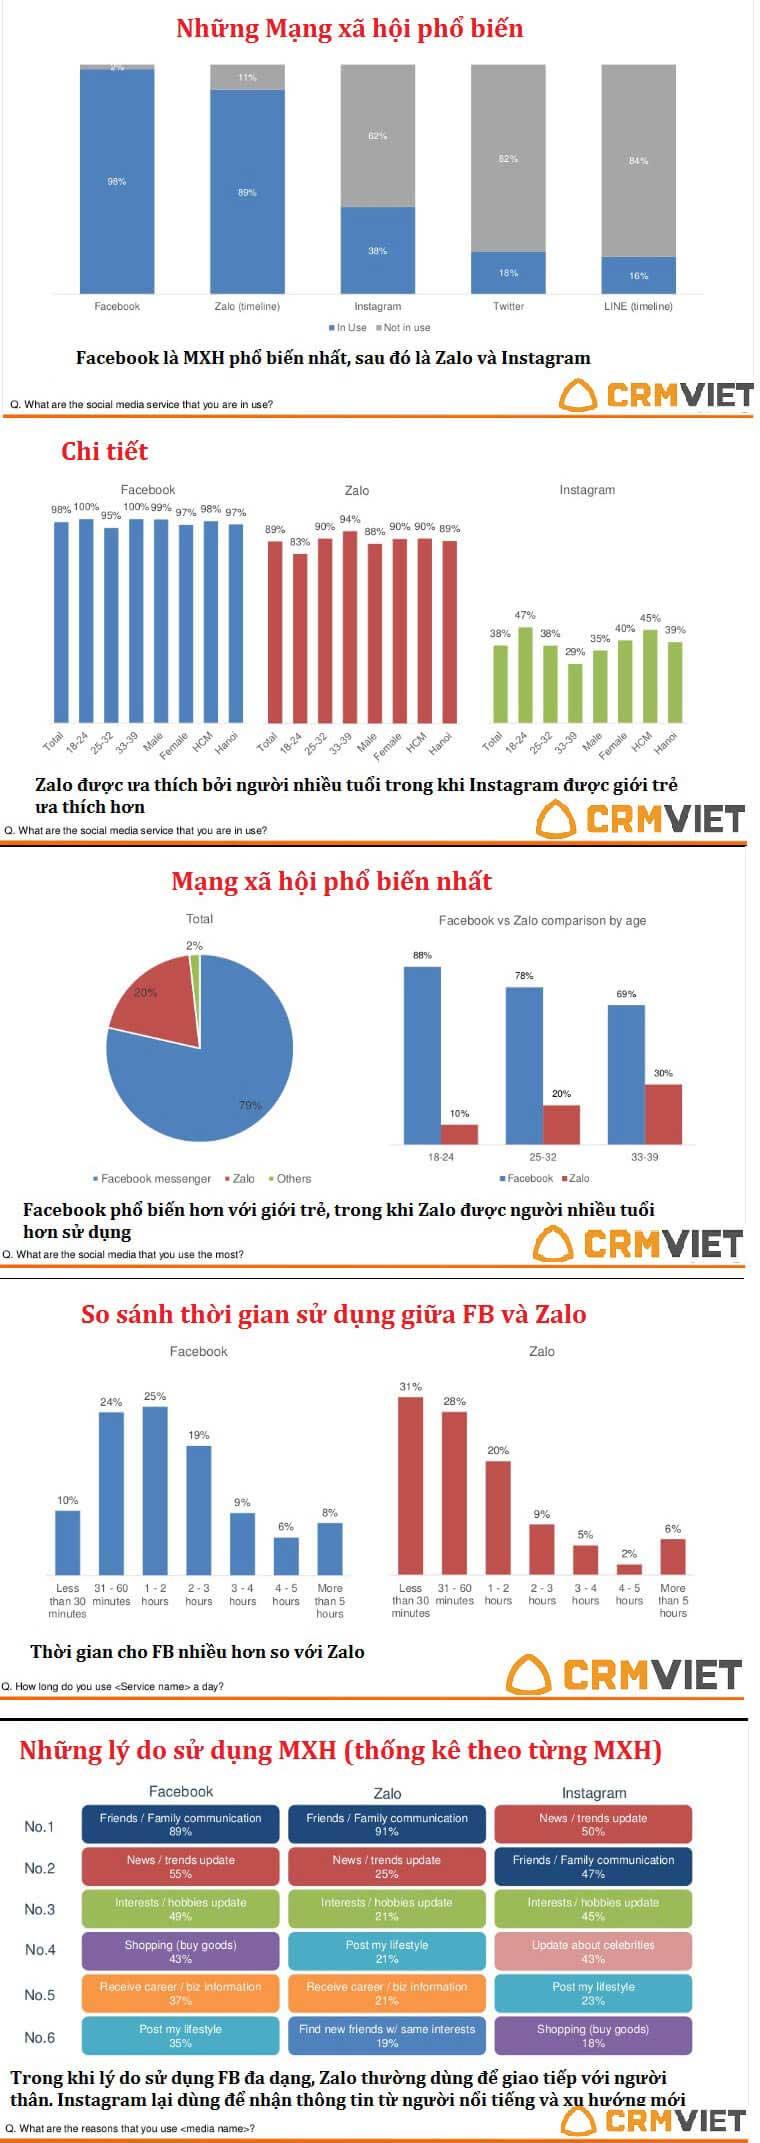 infographic về mạng xã hội